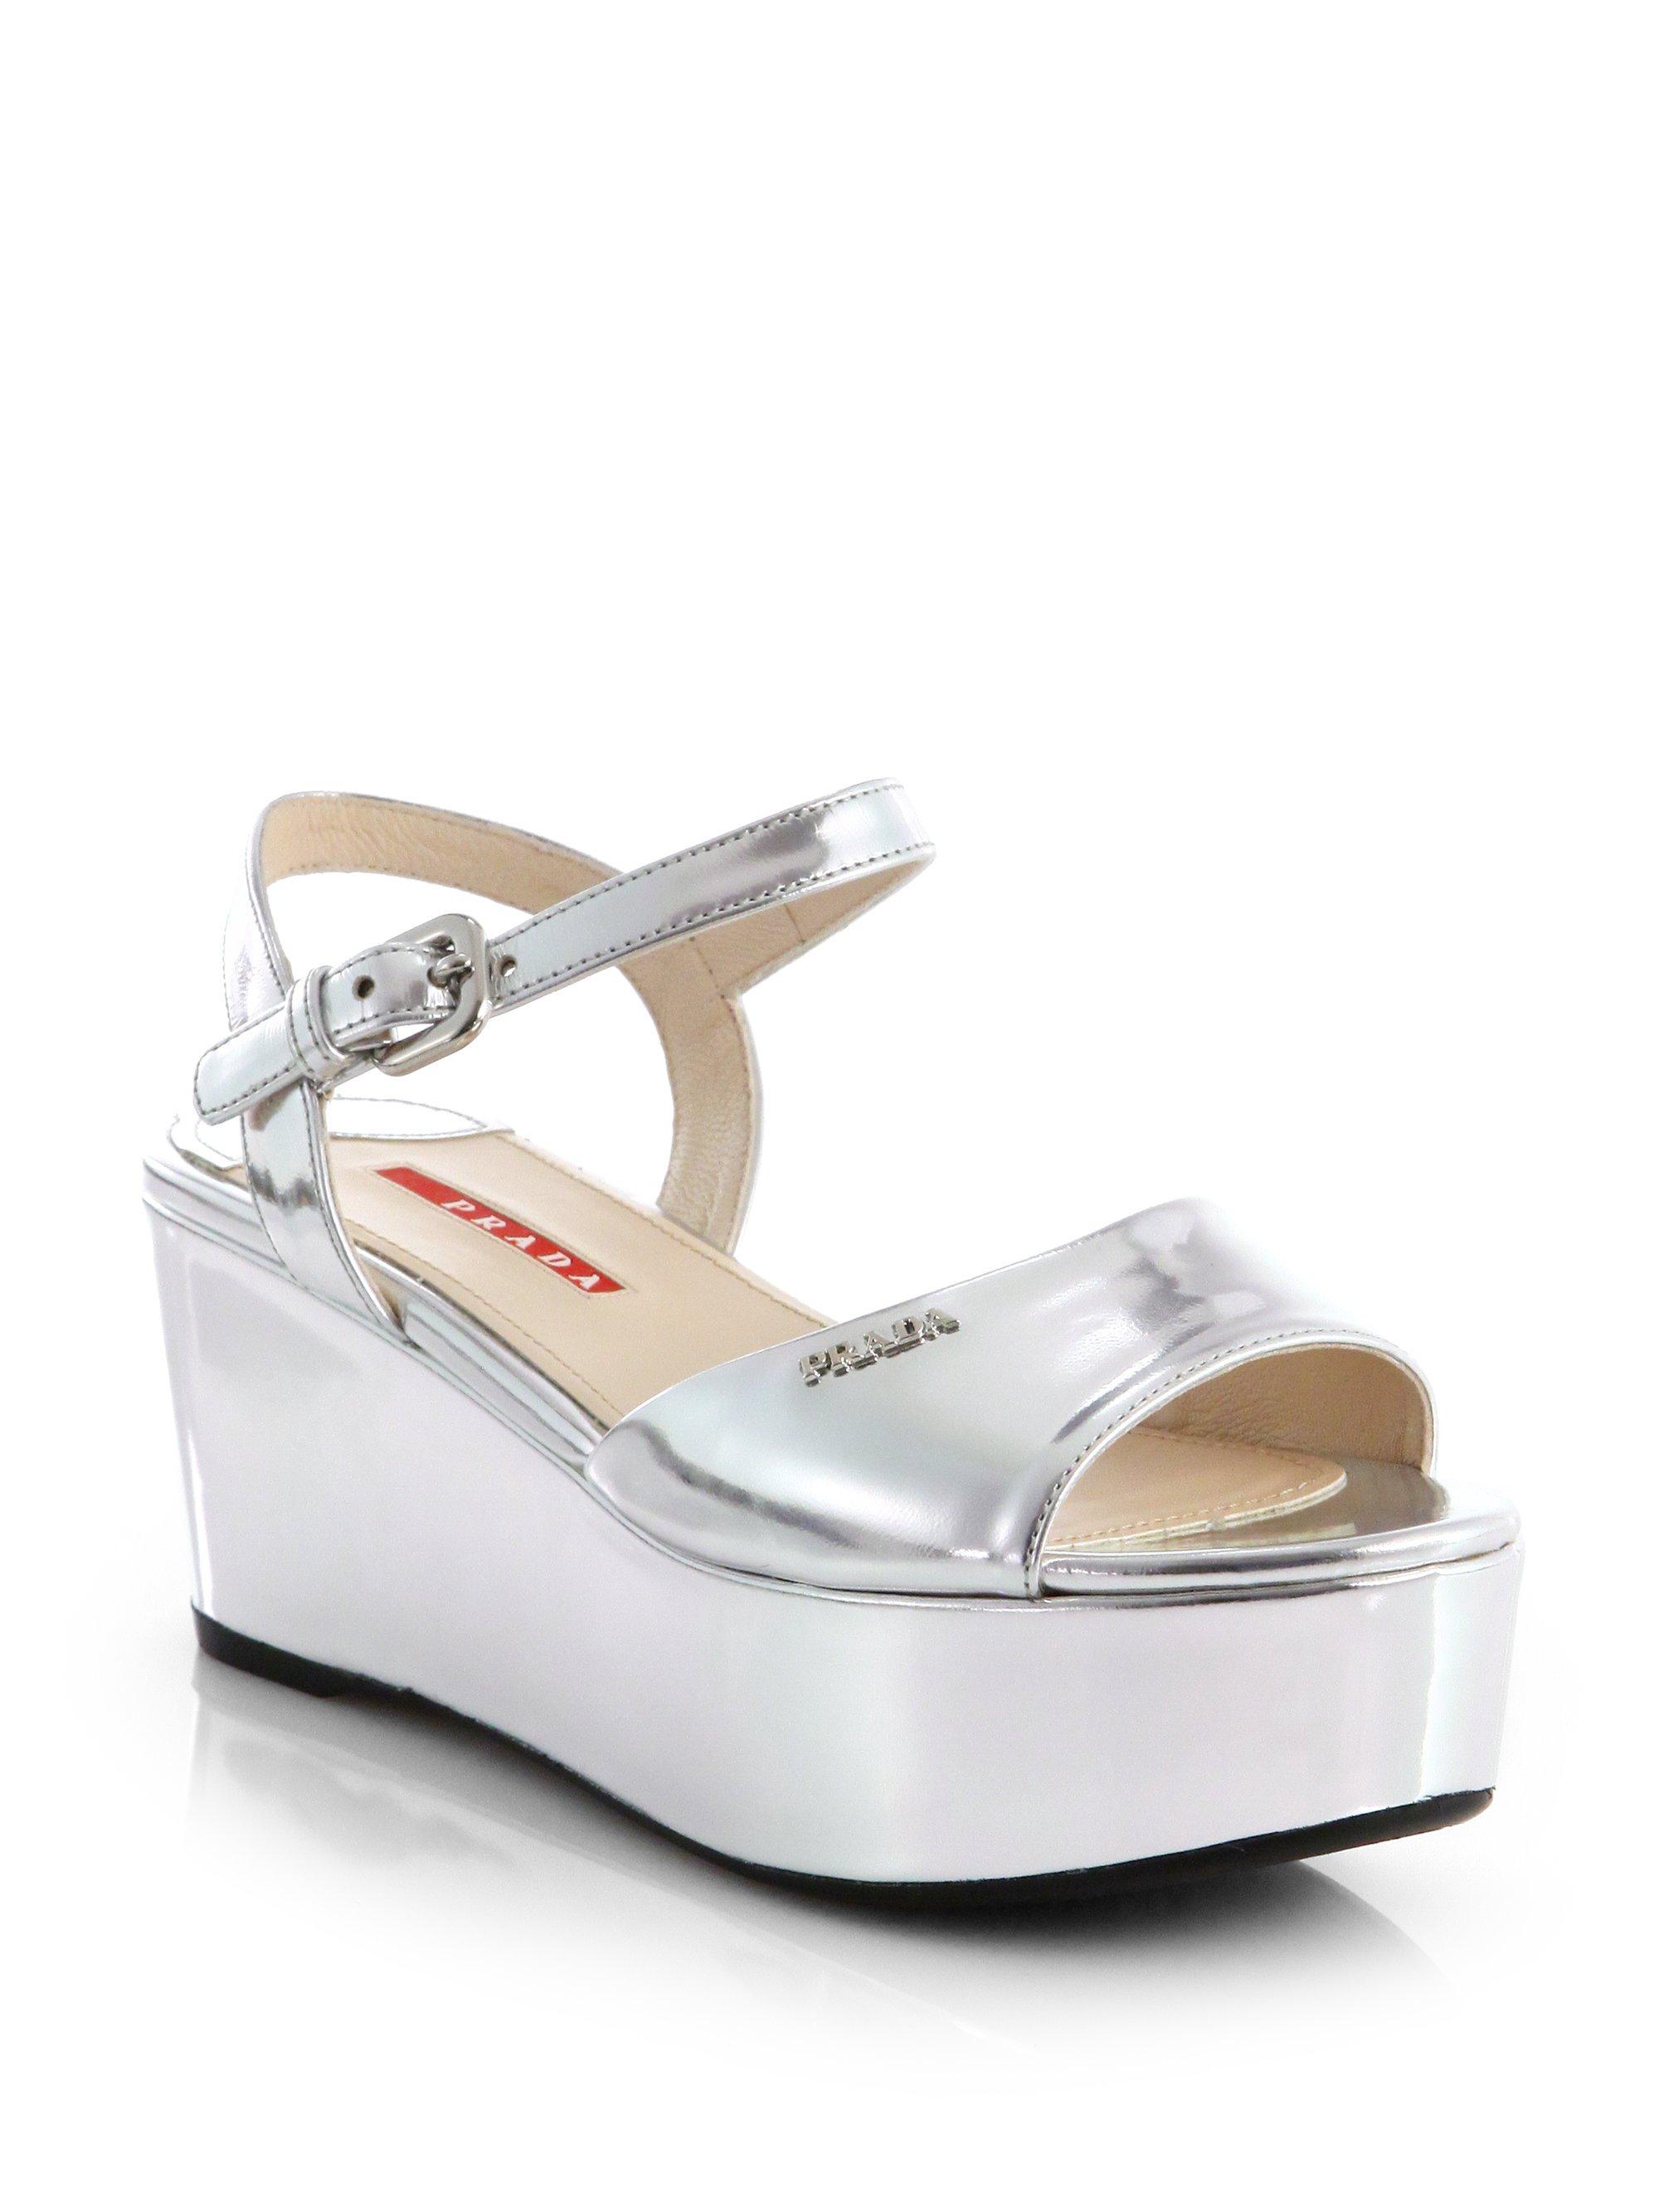 Prada Shoes For Women